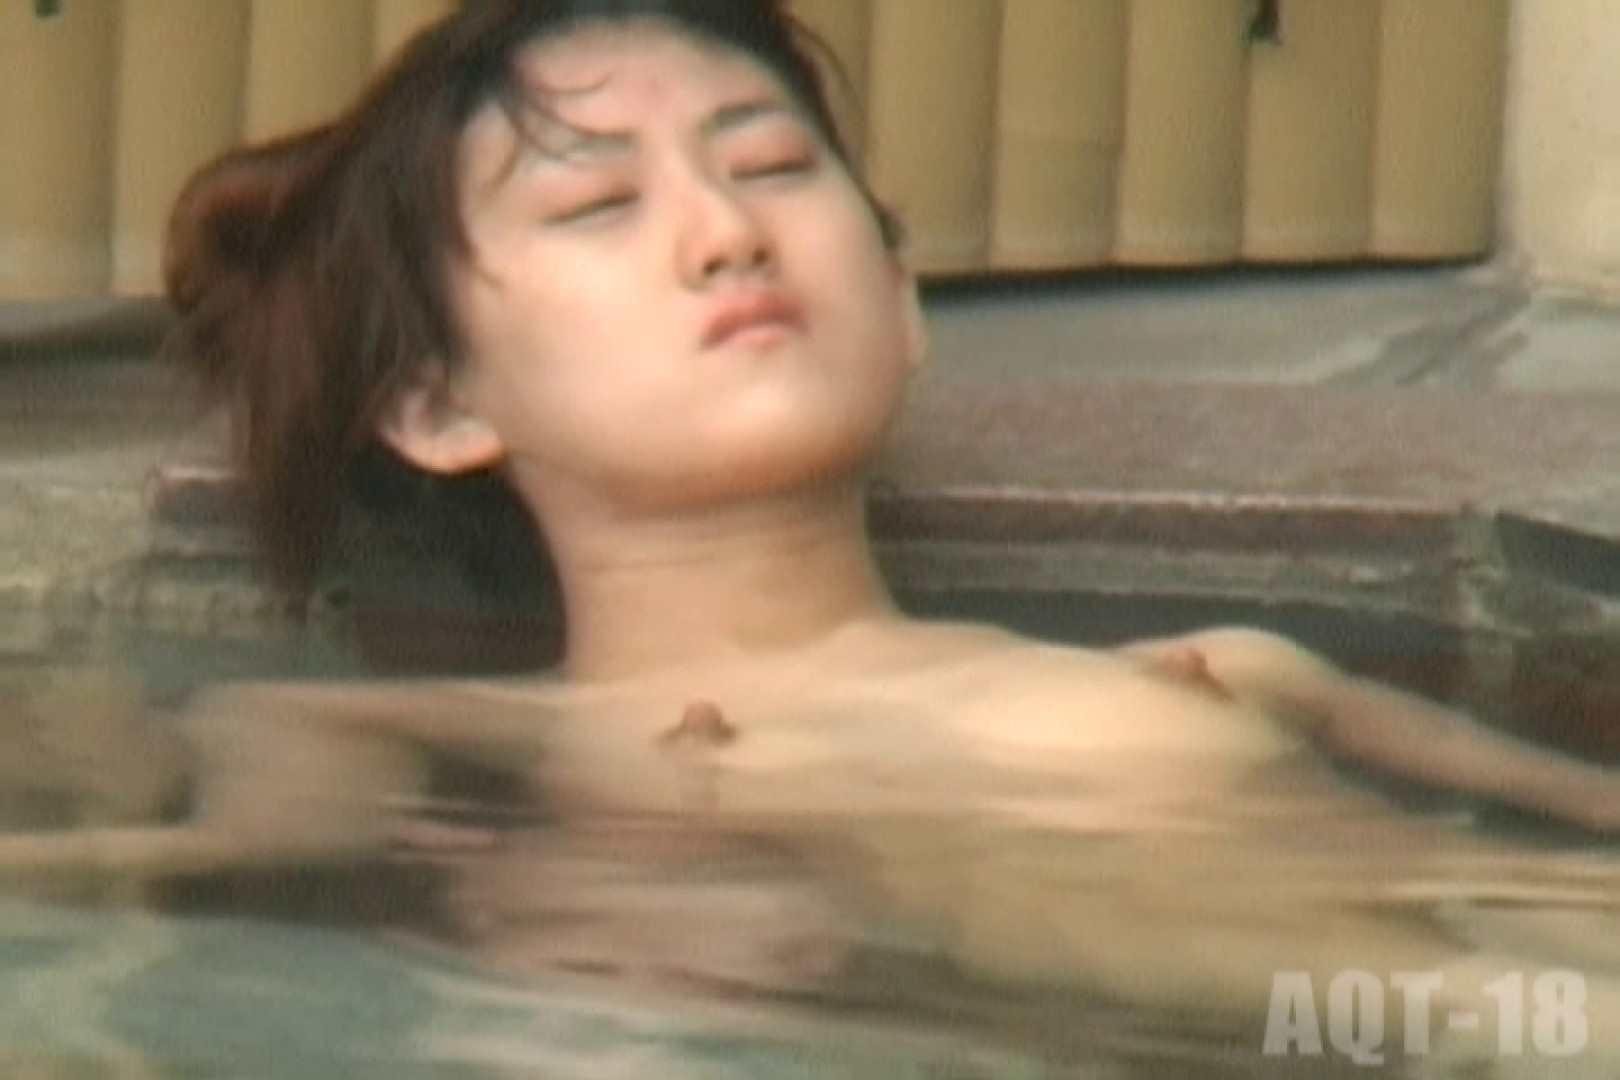 Aquaな露天風呂Vol.862 露天  92PICs 51